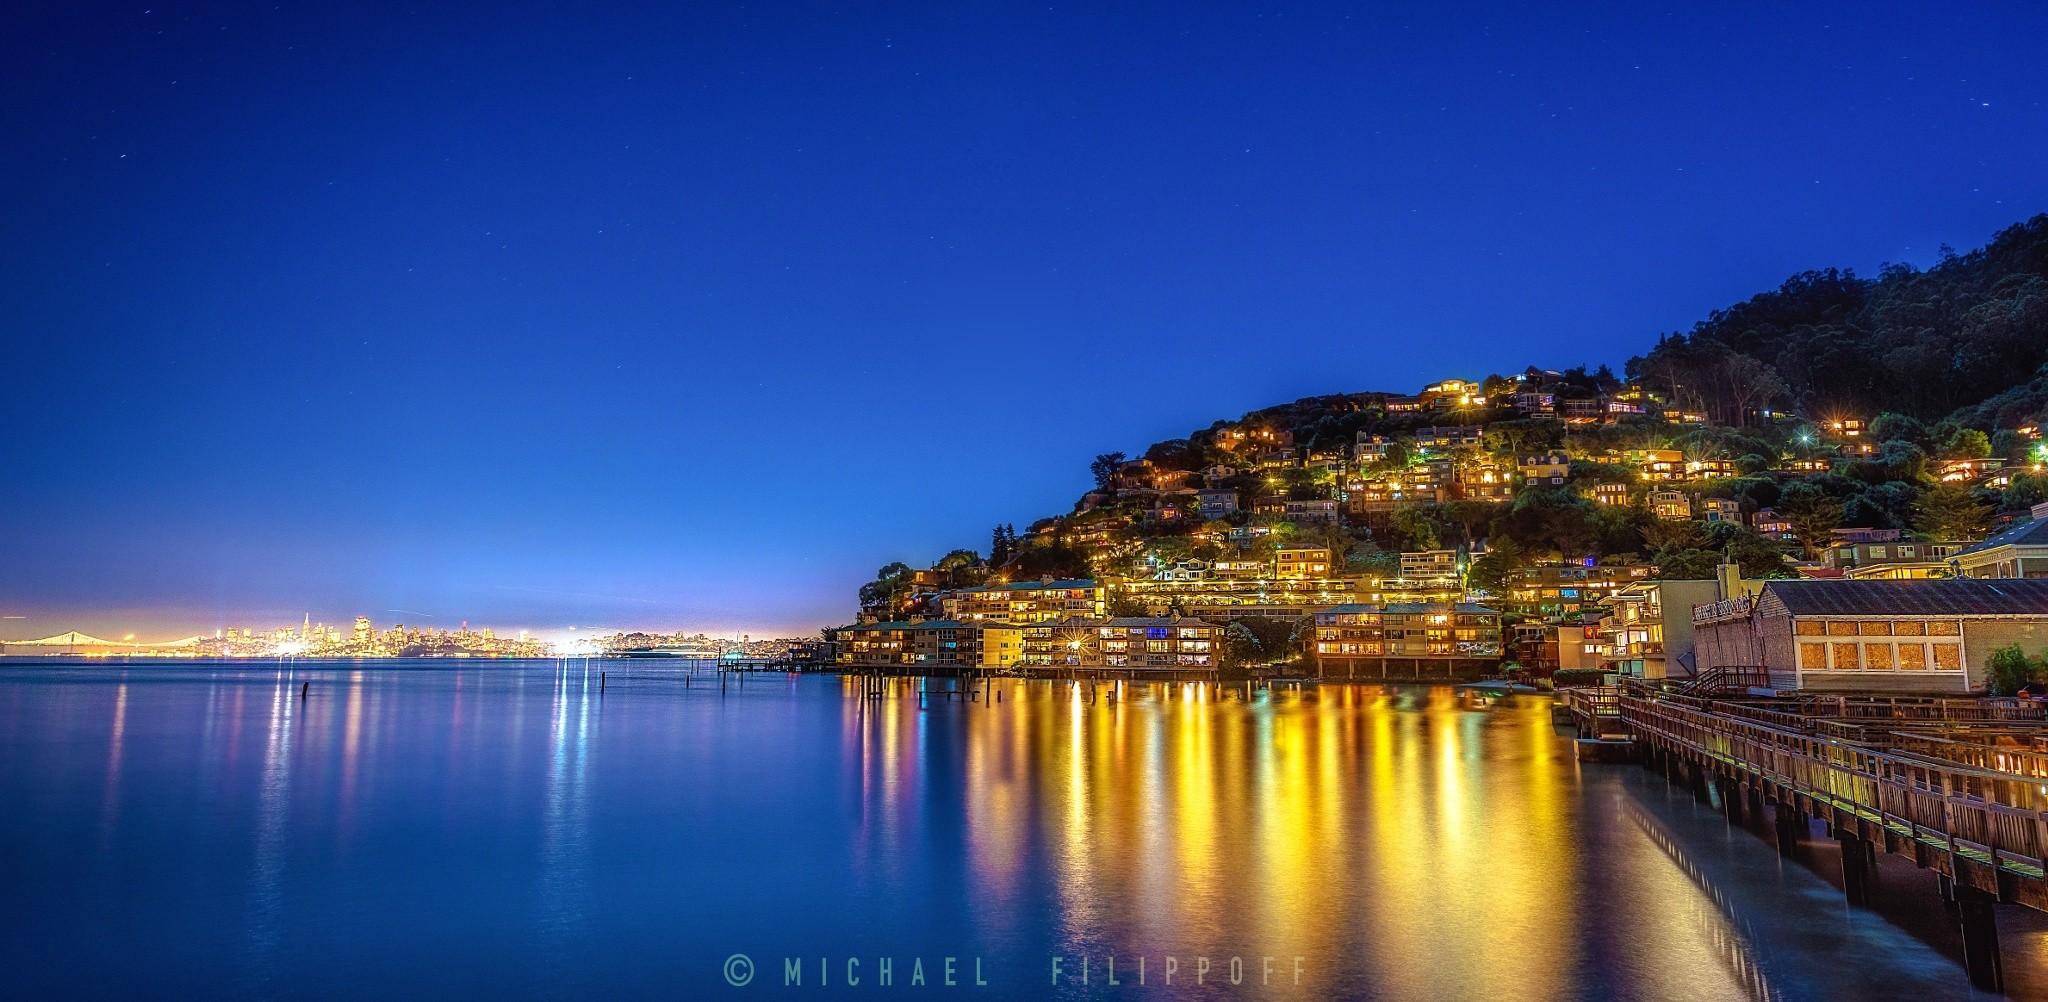 Sausalito by night